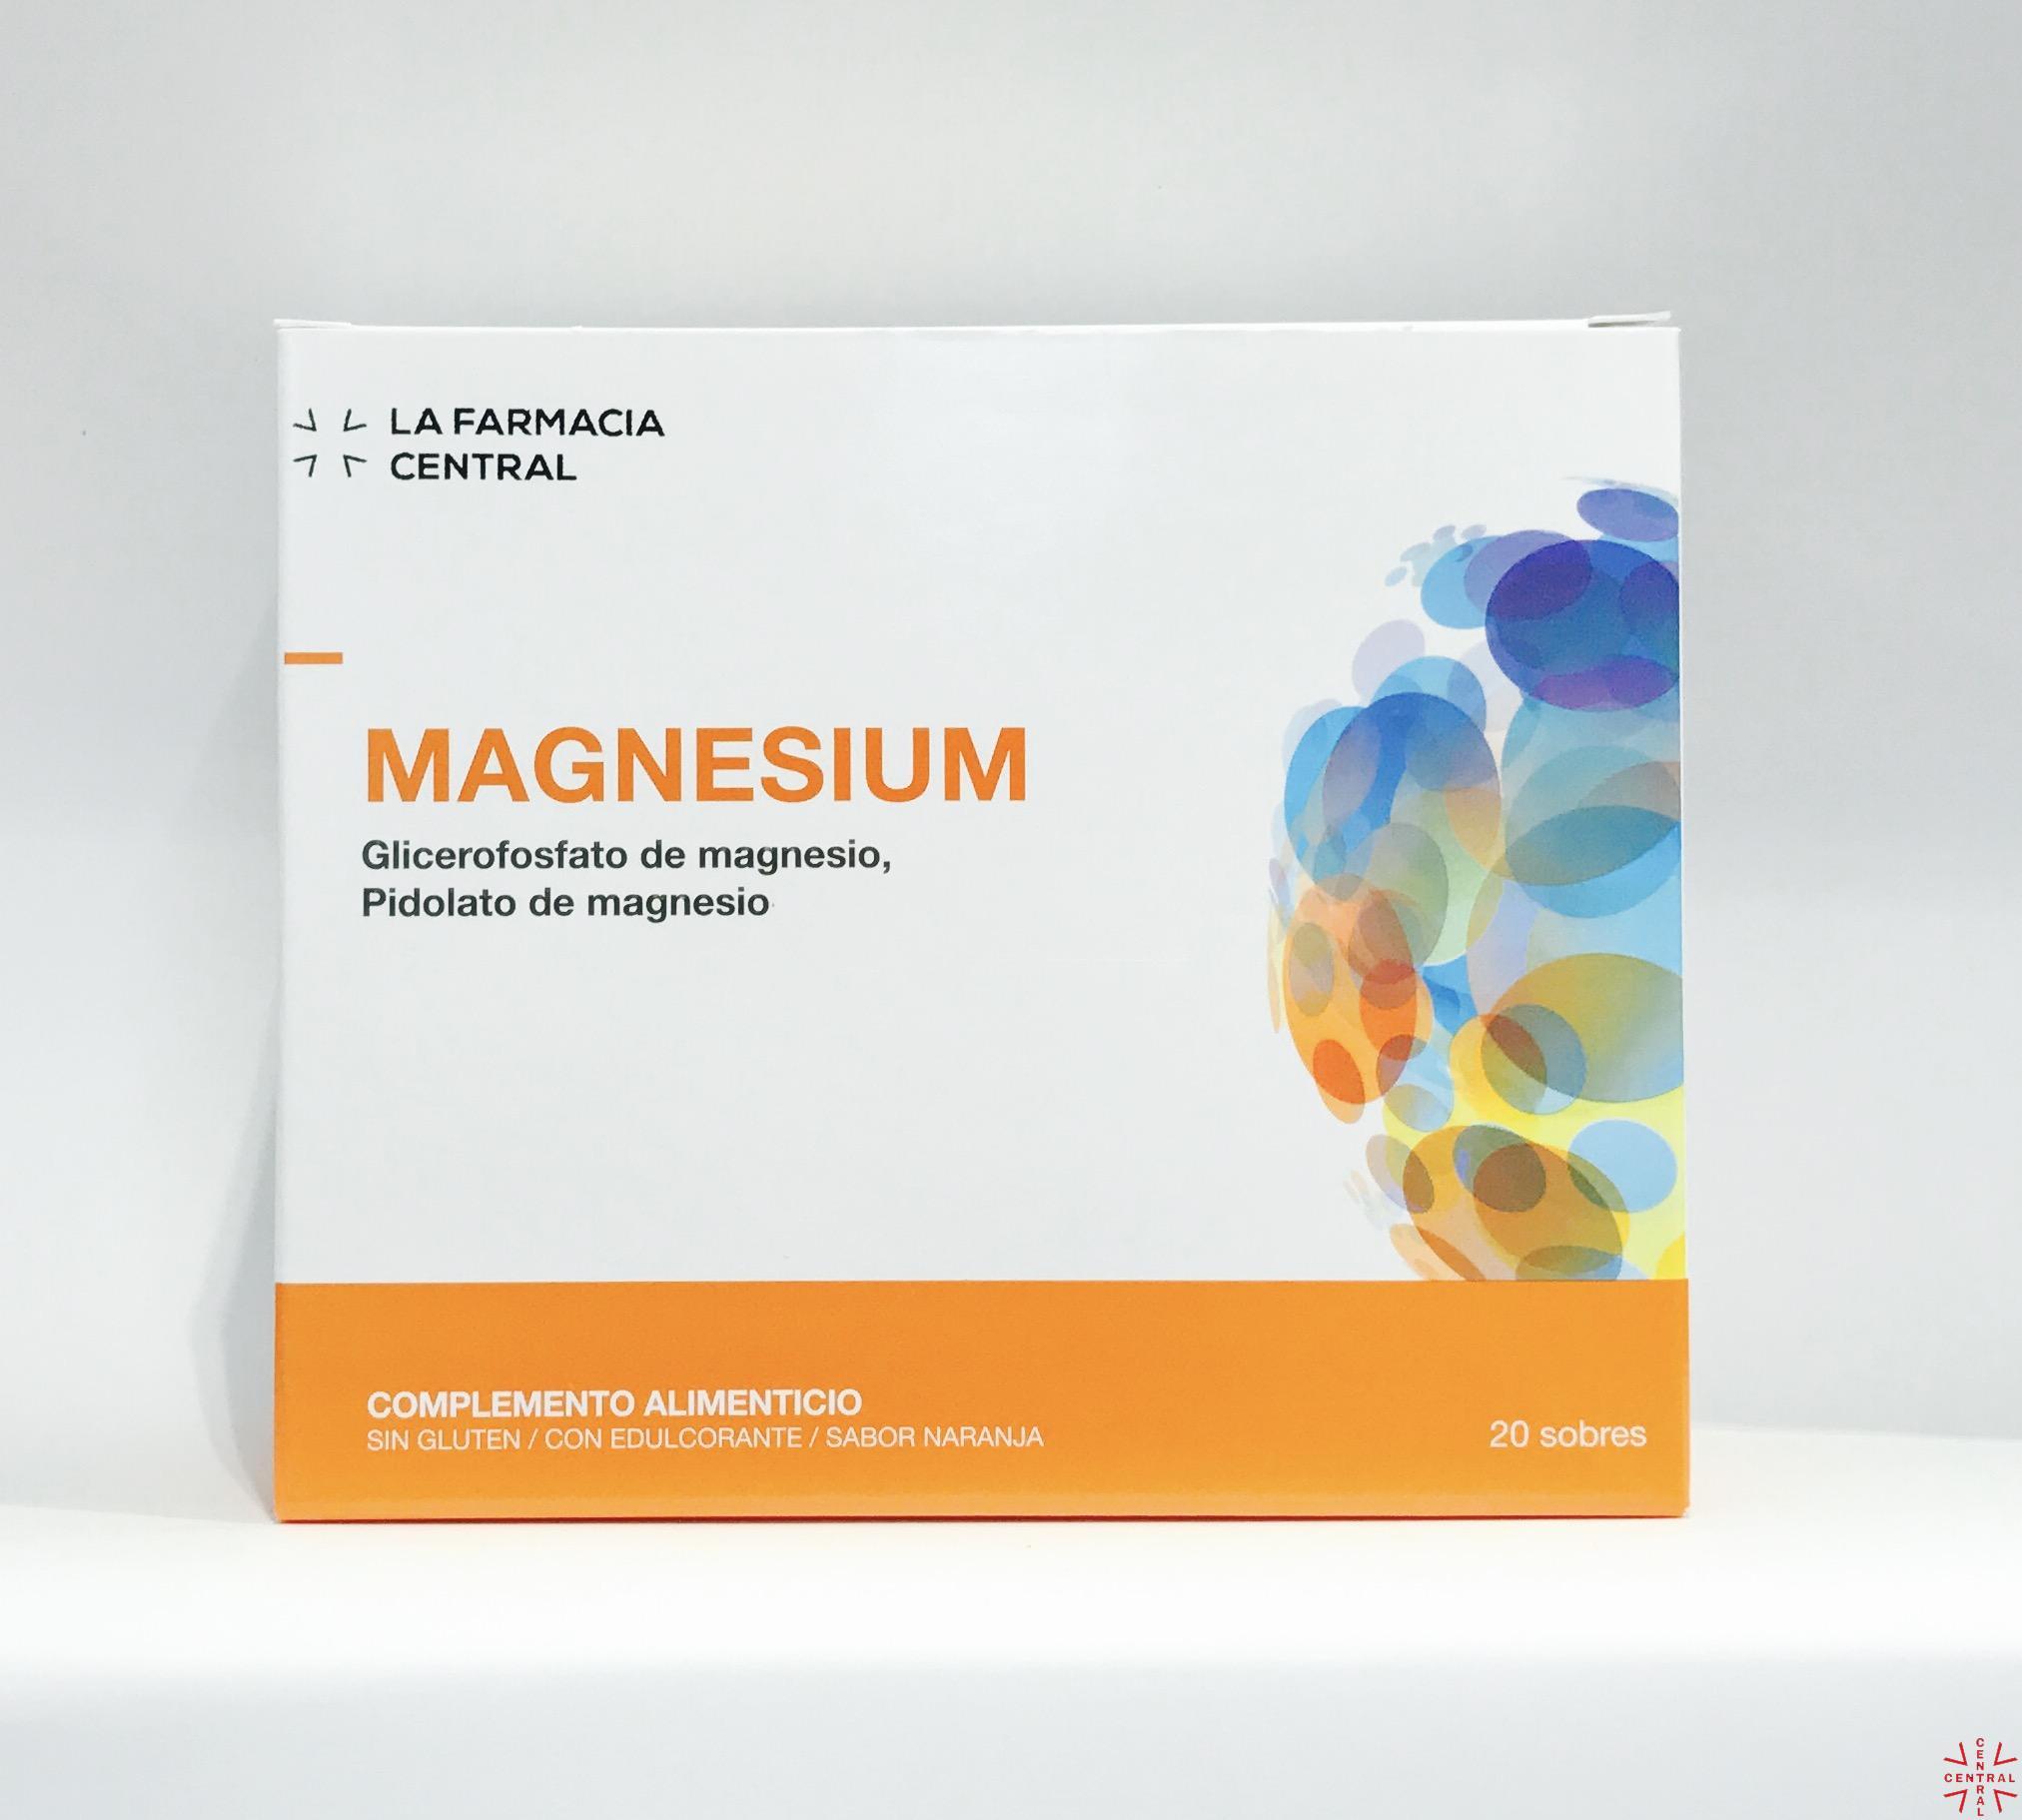 LFC Magnesium 20 sobres